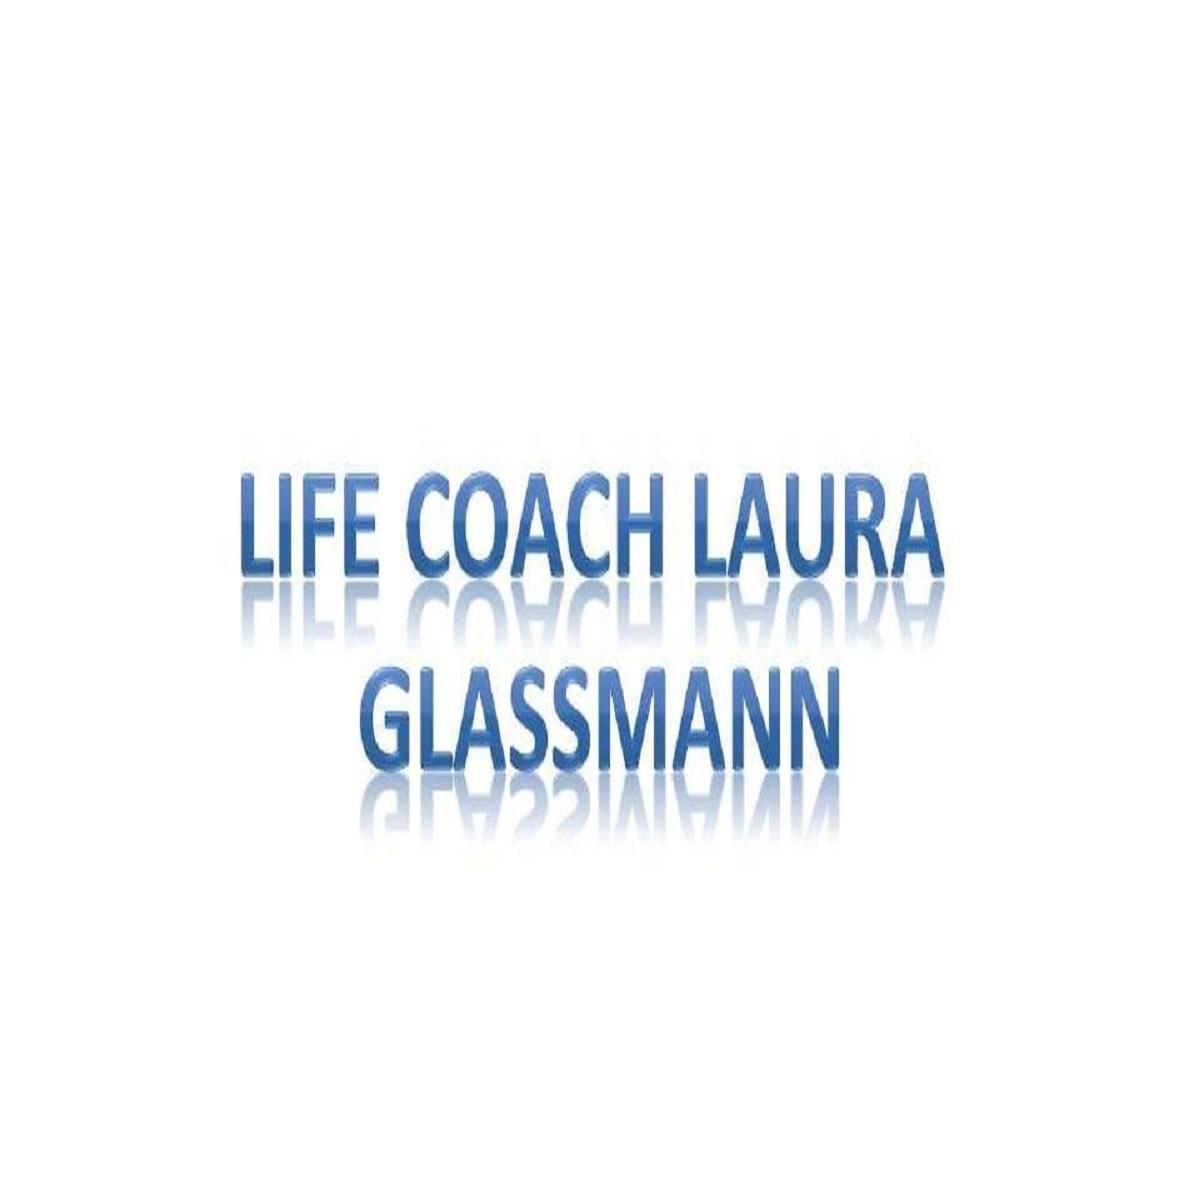 LIFE COACH LAURA GLASSMANN